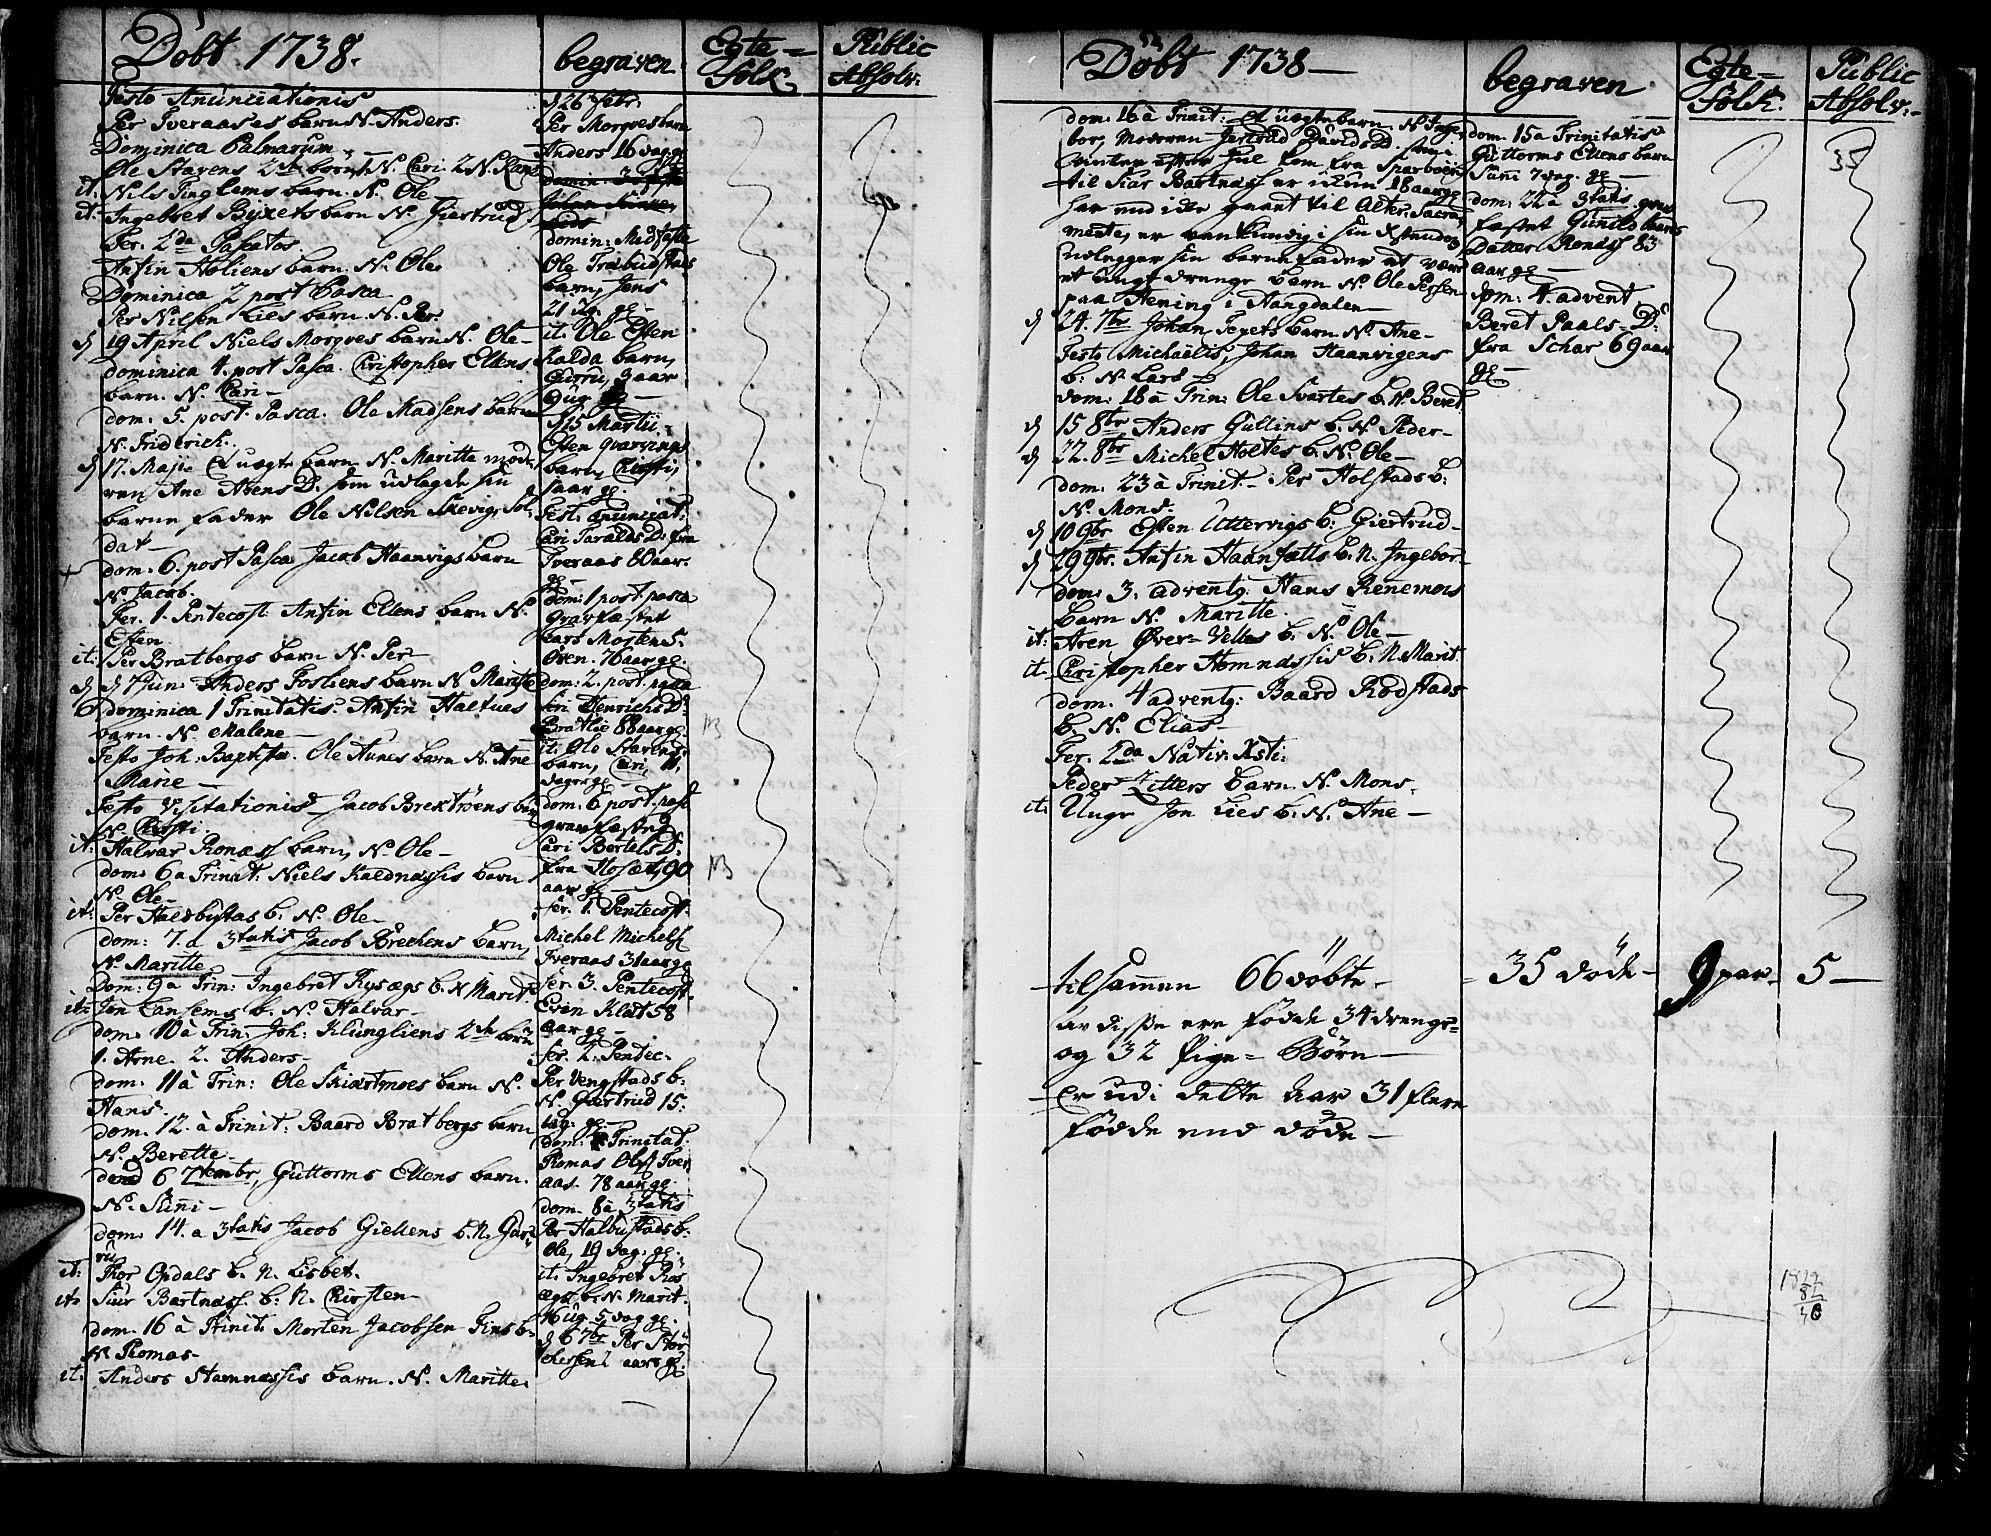 SAT, Ministerialprotokoller, klokkerbøker og fødselsregistre - Nord-Trøndelag, 741/L0385: Ministerialbok nr. 741A01, 1722-1815, s. 35